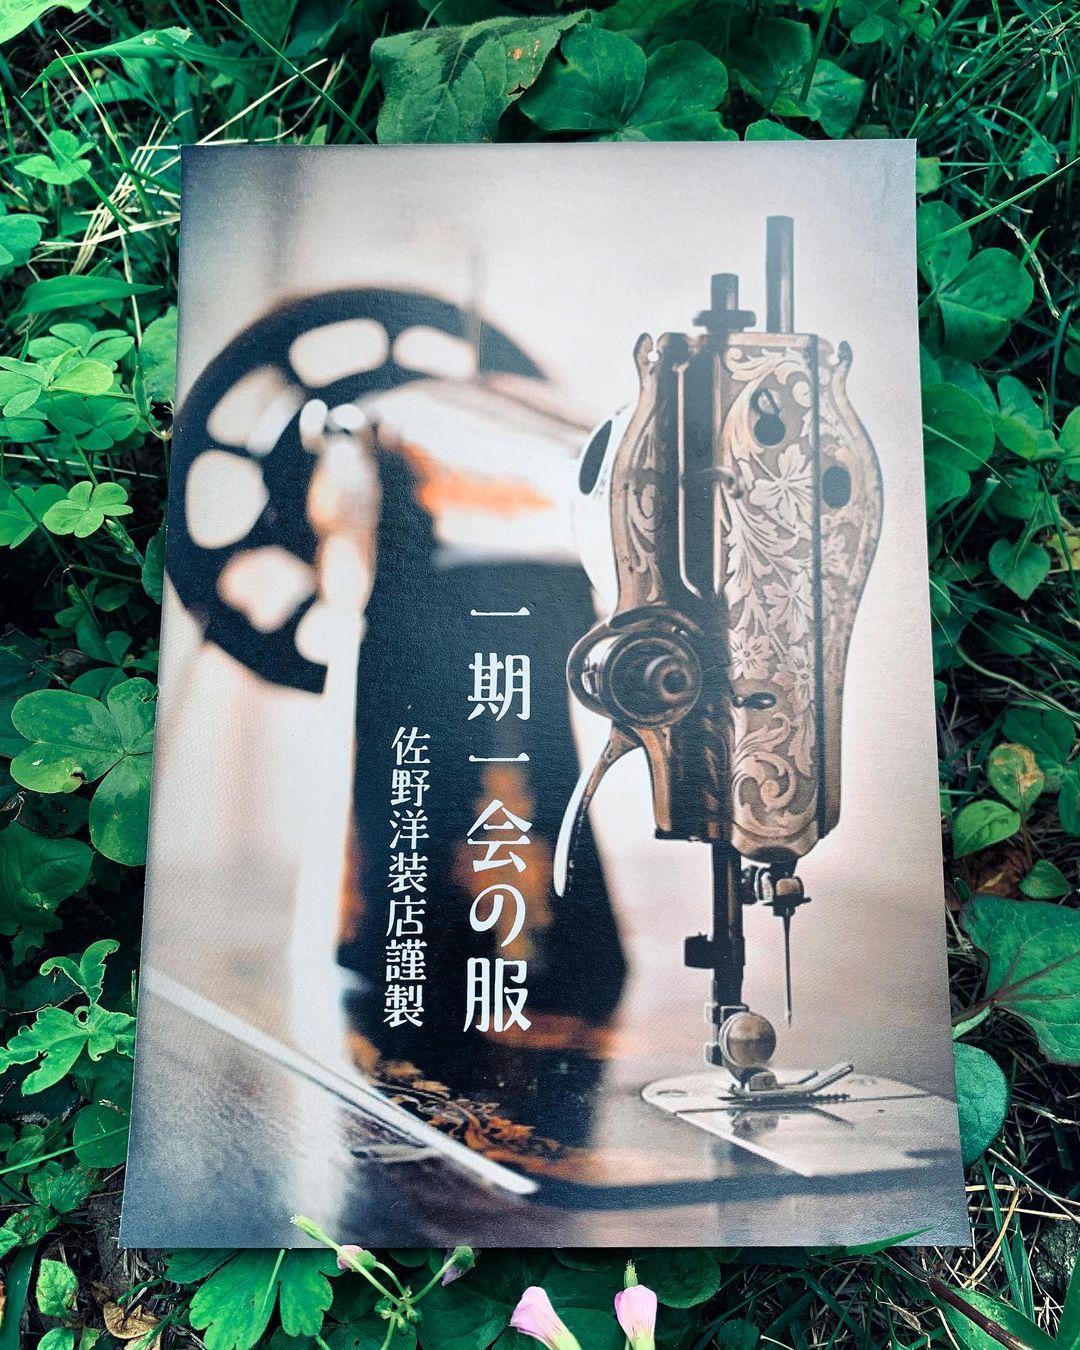 7月イベント「佐野洋装店 一期一会」